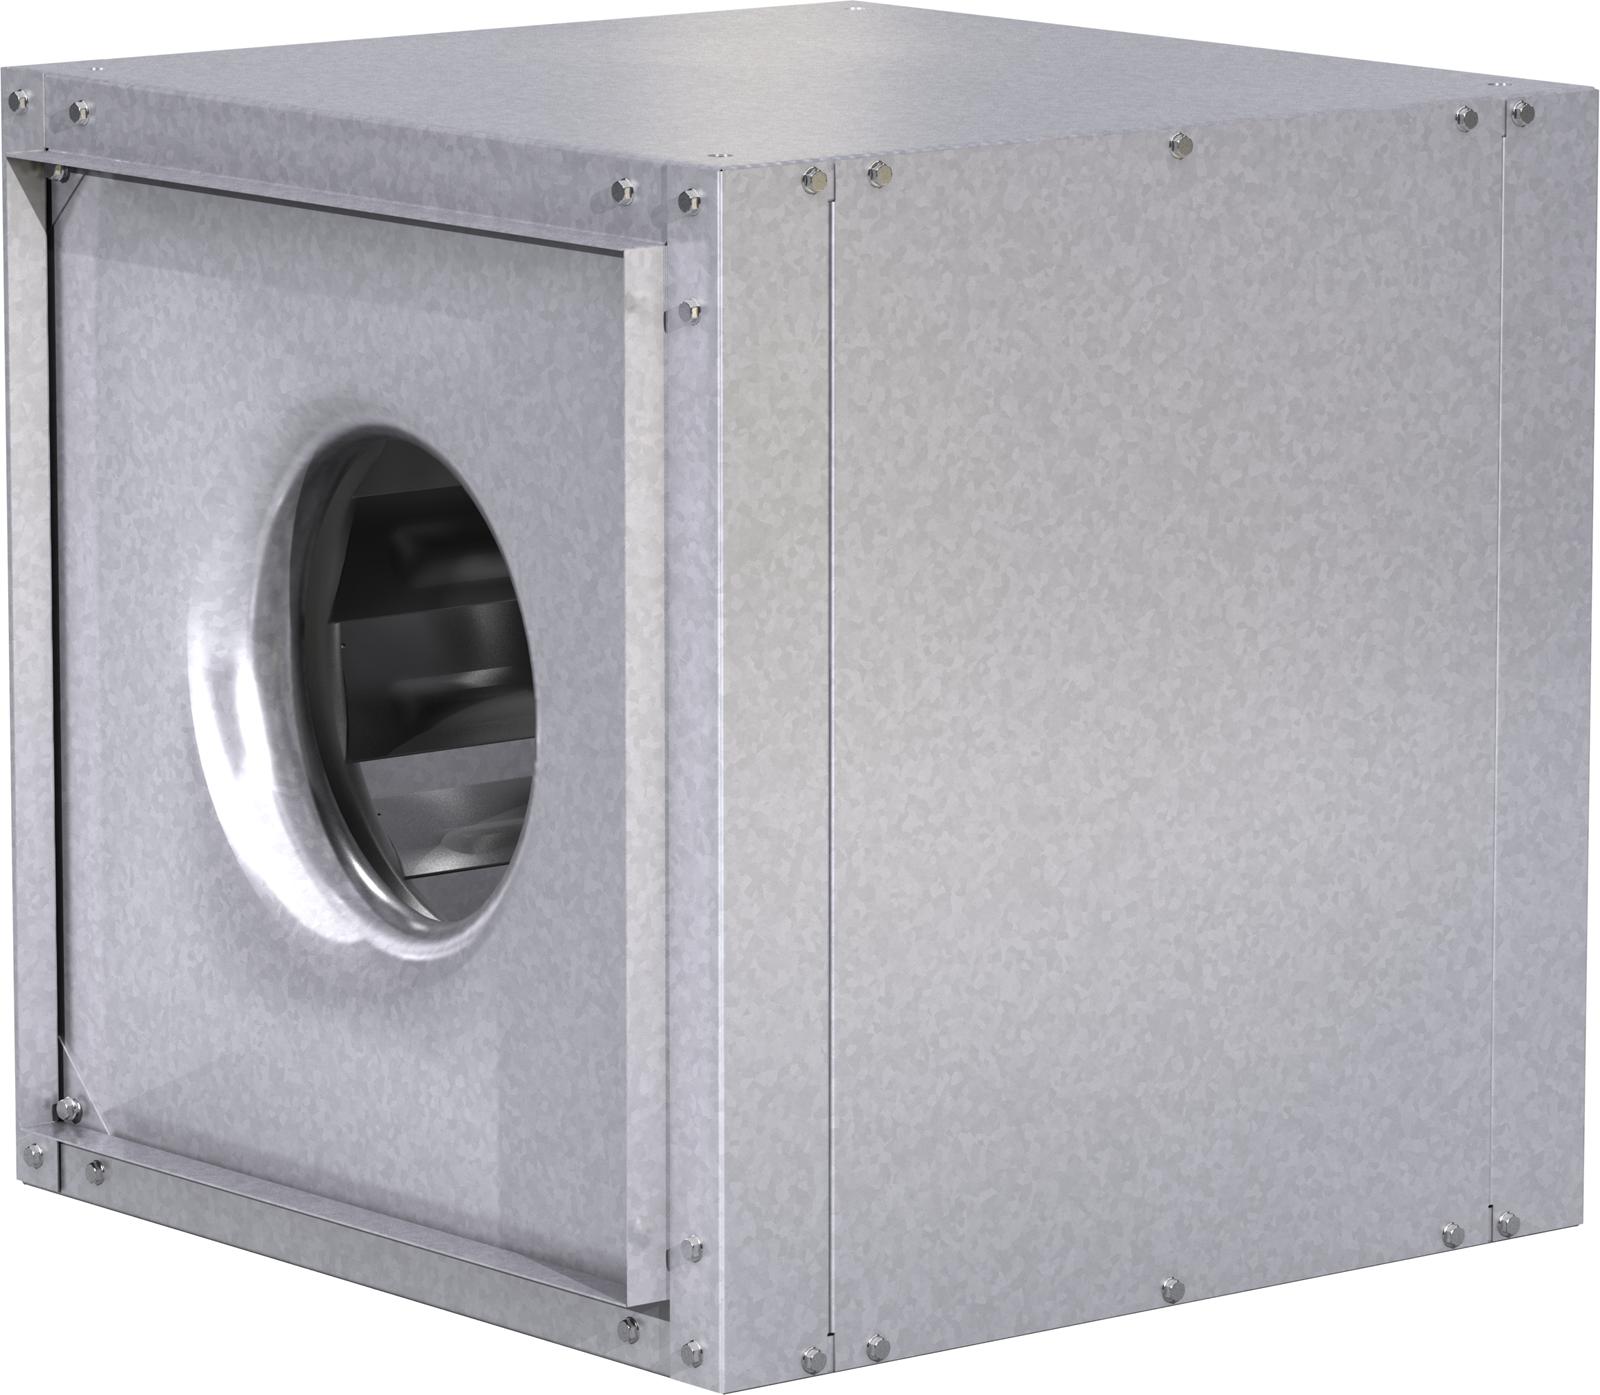 Model XID Direct Drive Inline Exhaust Fan Rendering